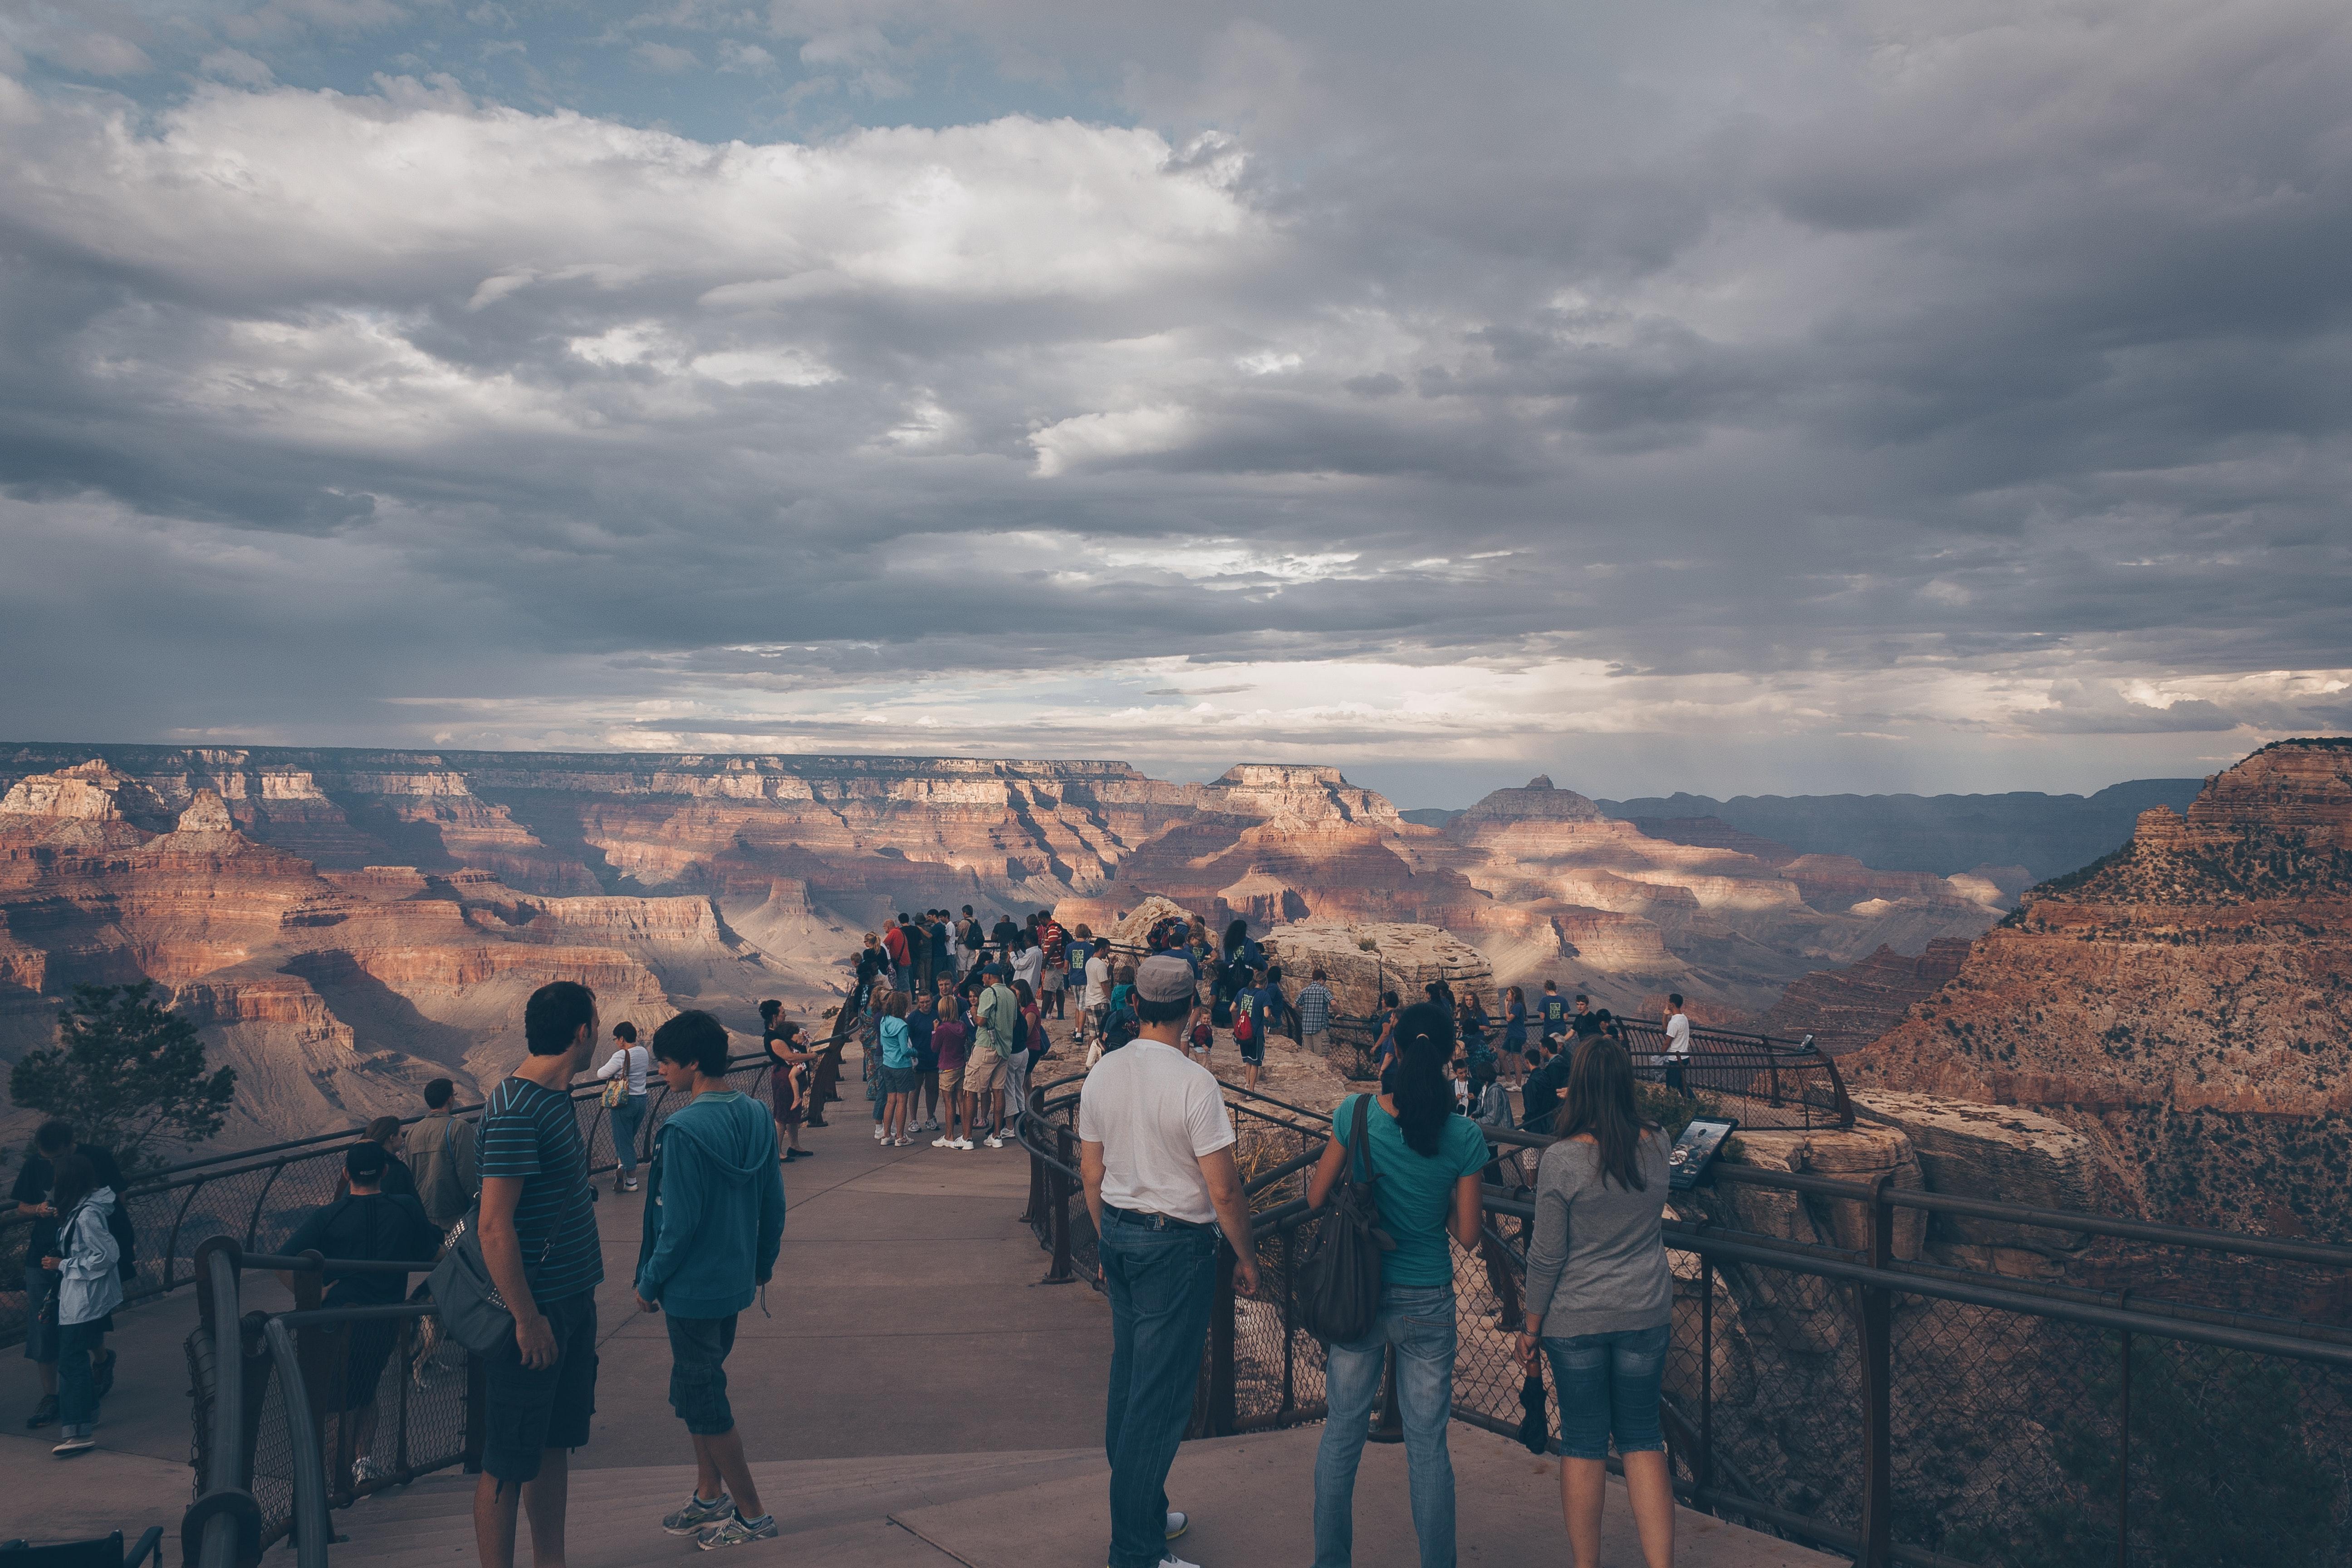 People watching mountain at daytime photo